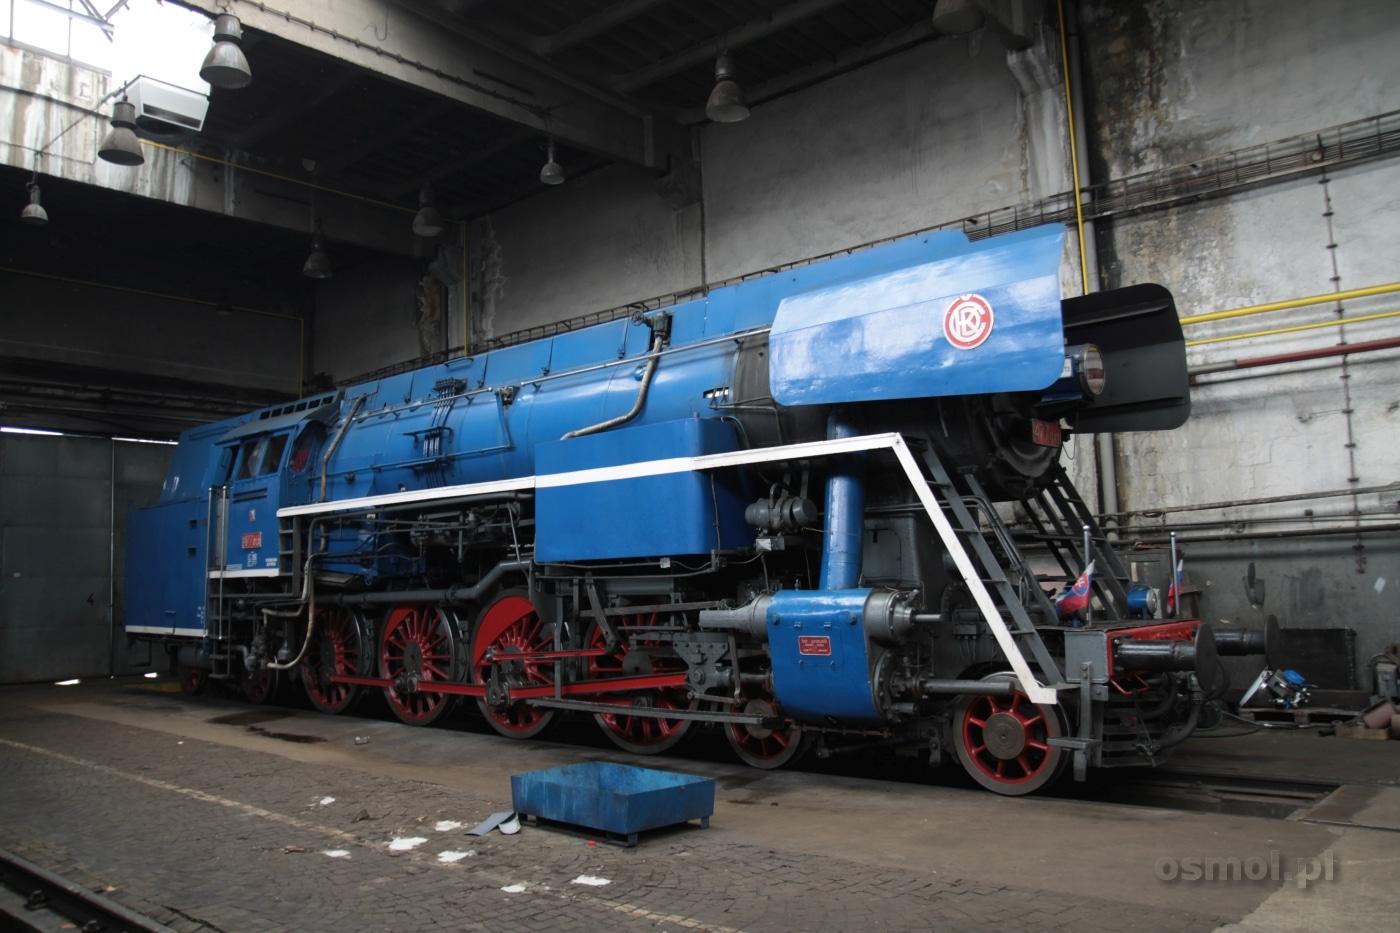 parowoz-w-lokomotywowni